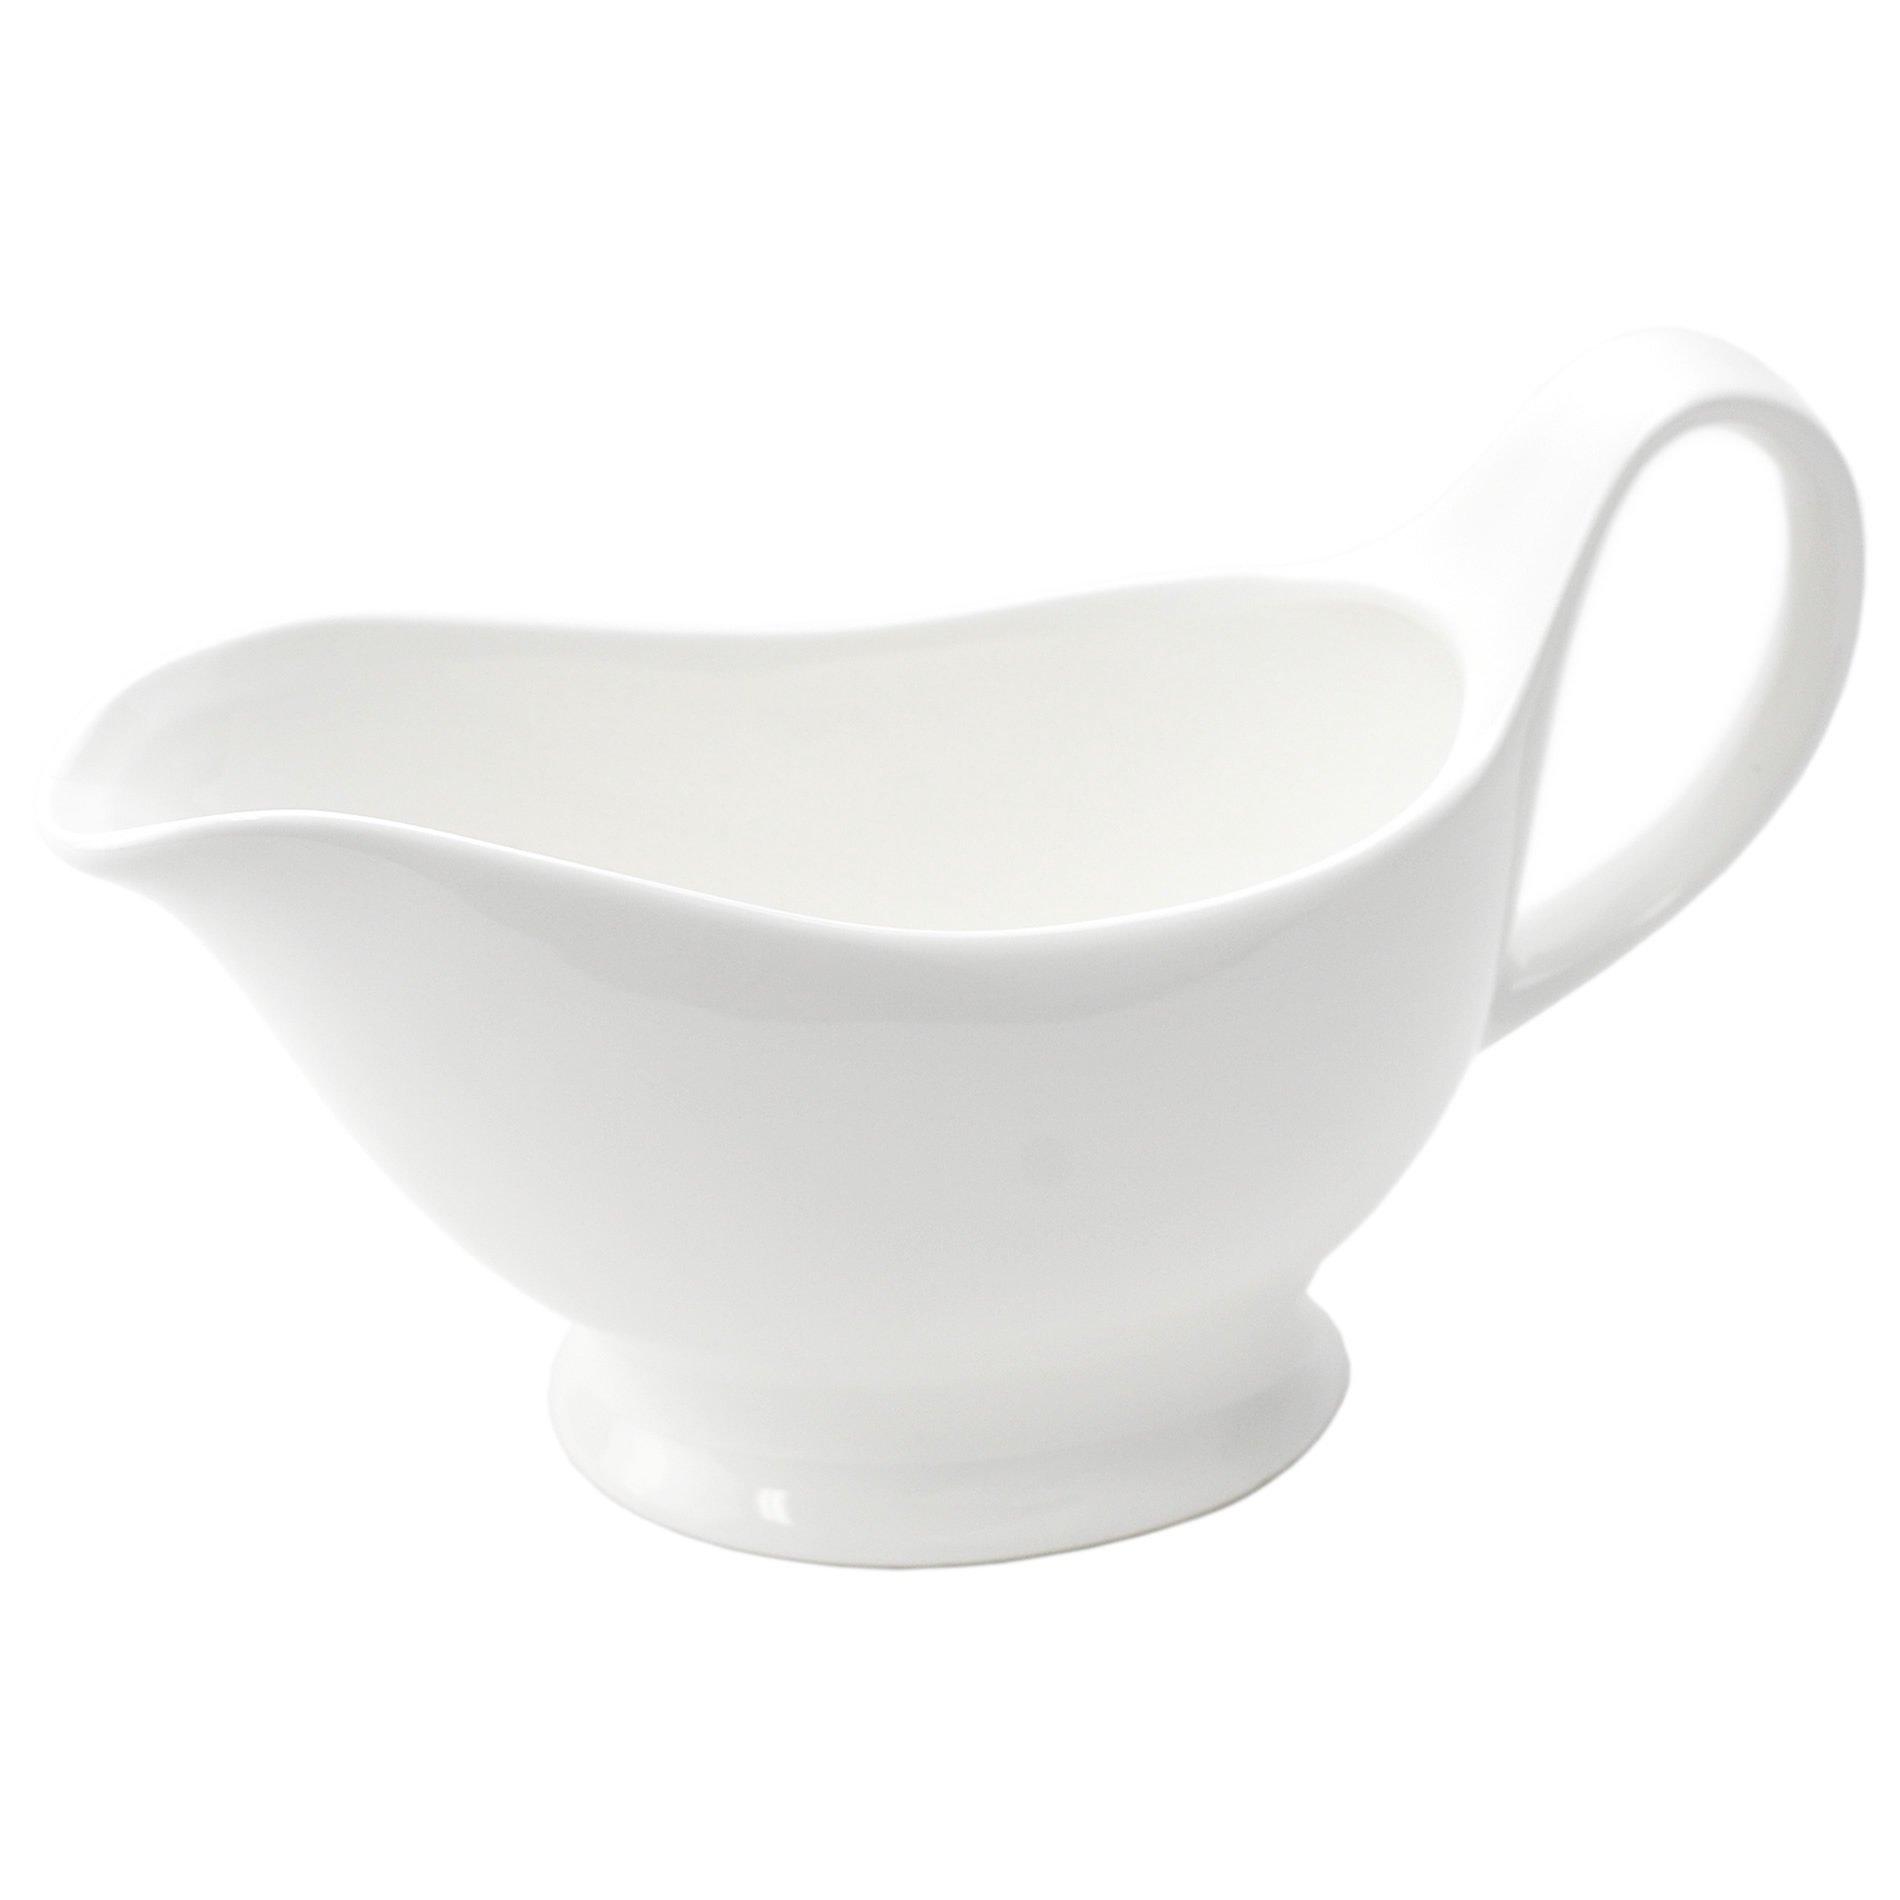 Gravy Sauce Boat,Fiesta Vintage Gravy Boat,Fine White Porcelain,16 Ounce